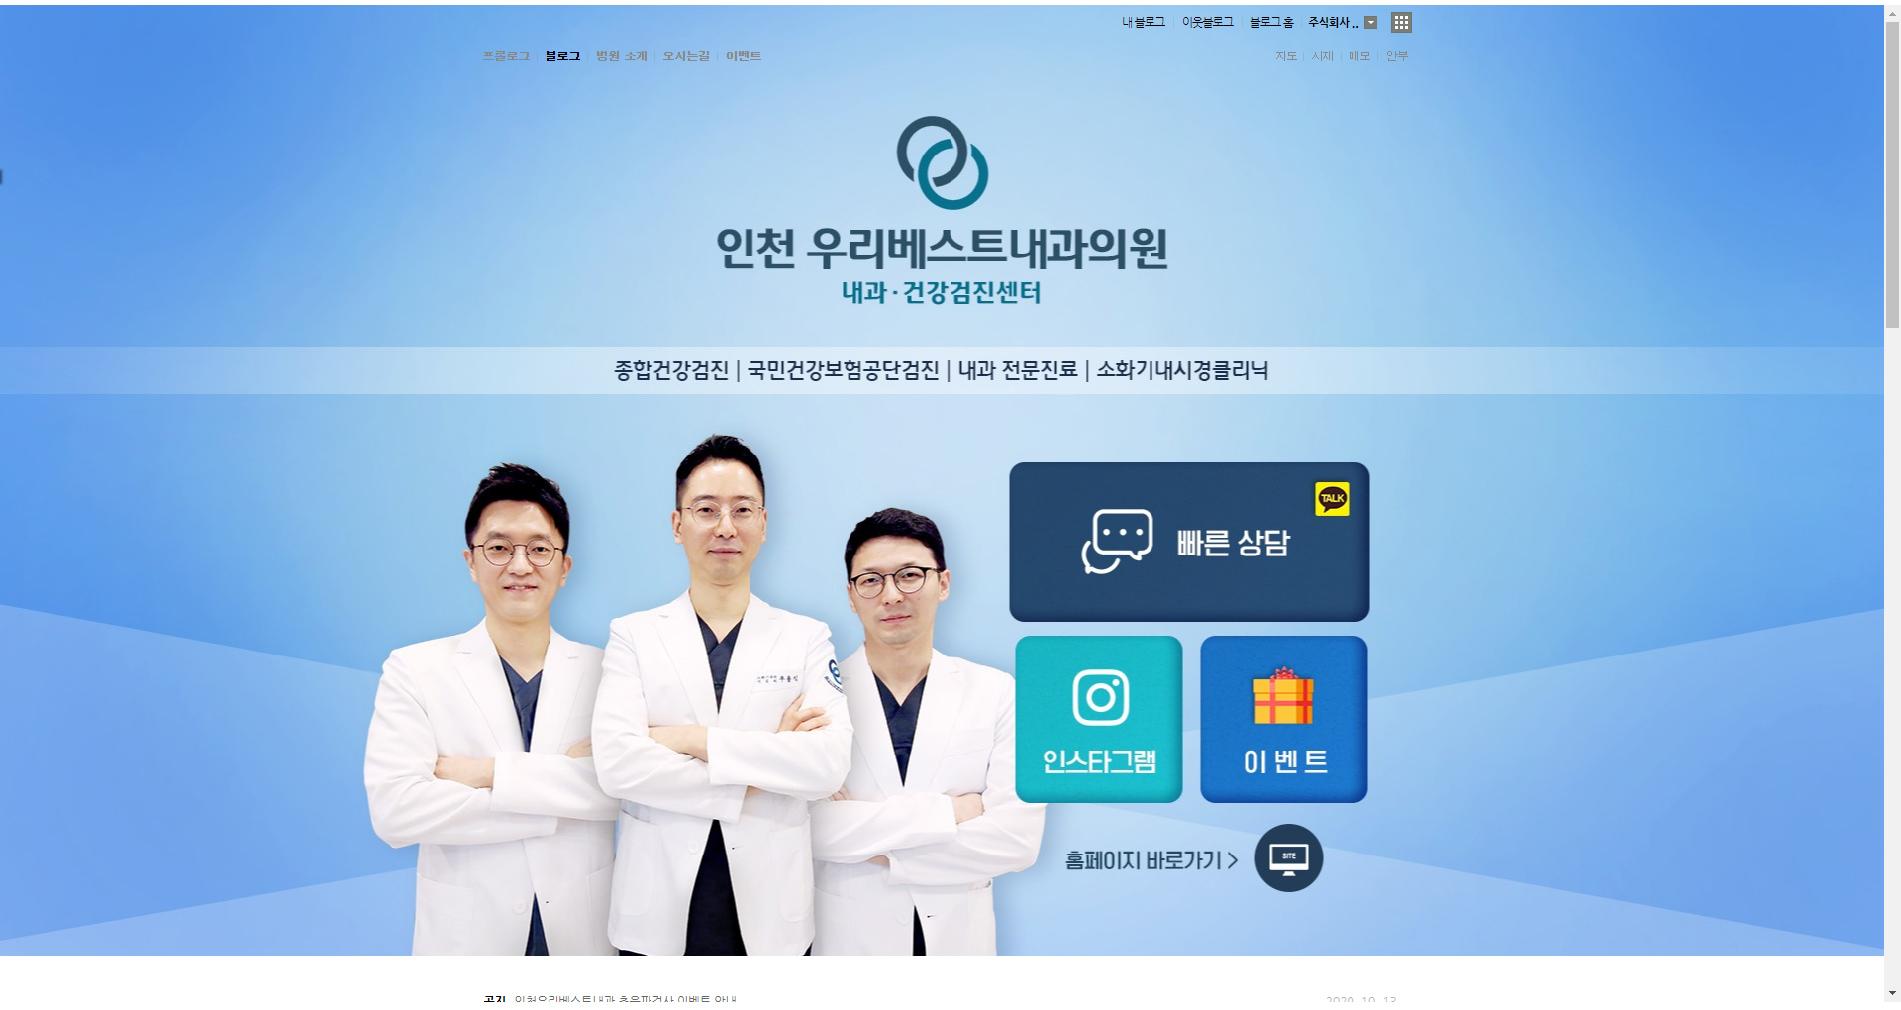 인천 우리베스트내과 공식블로그